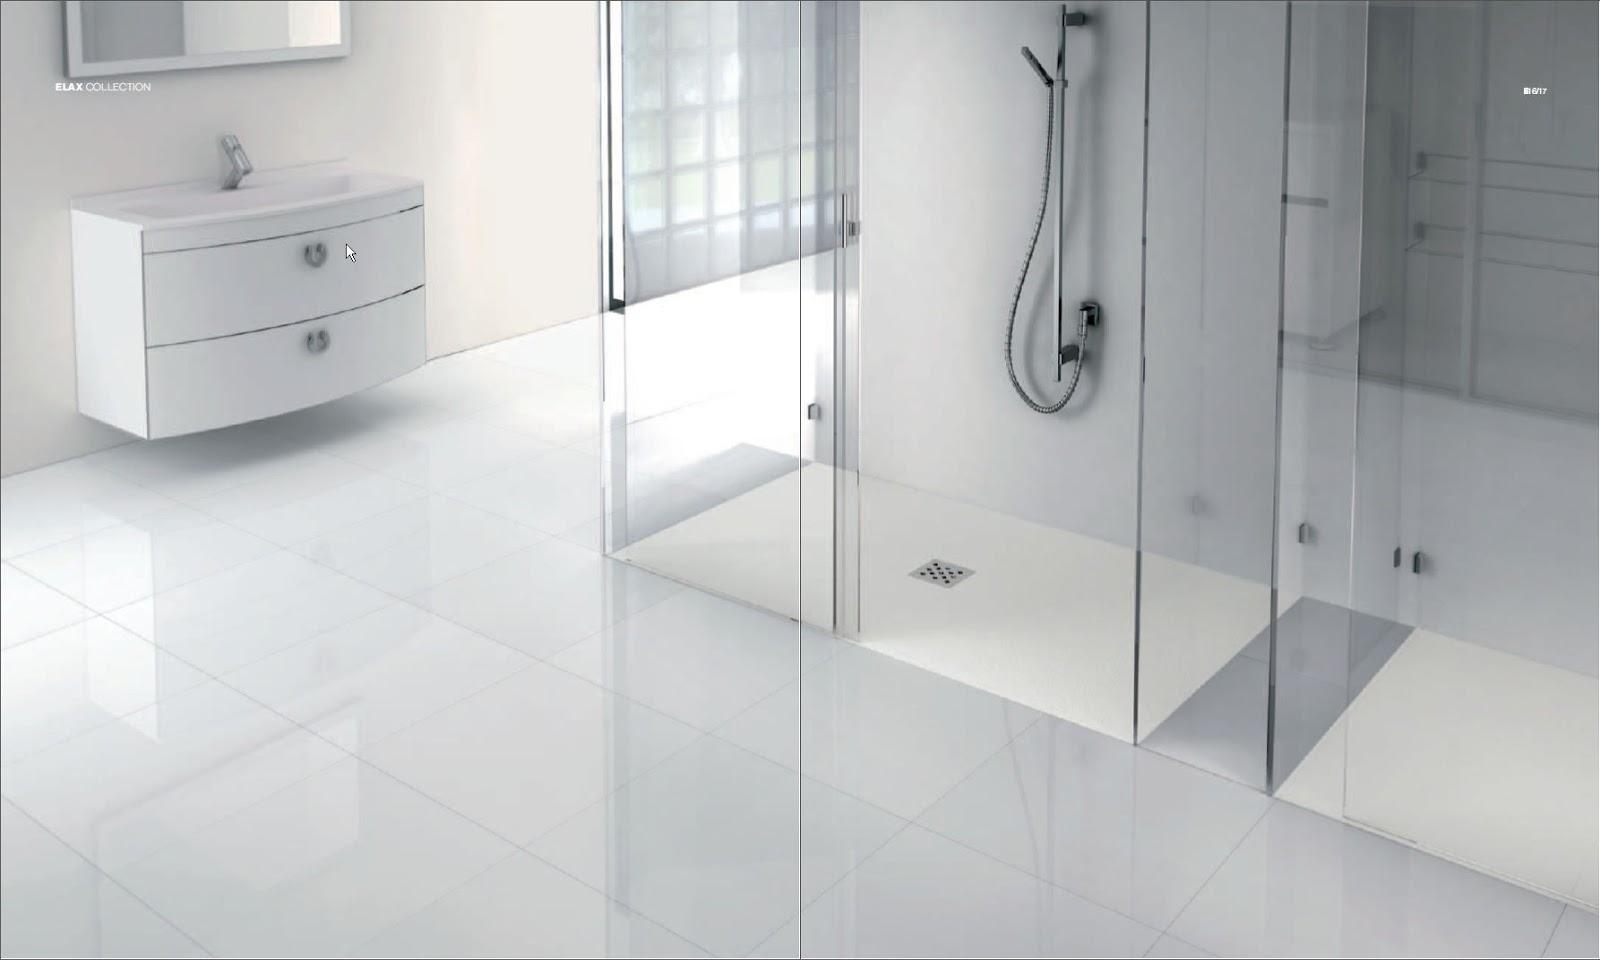 Amedeo liberatoscioli consigli utili piatto doccia a filo pavimento pro e contro - Piatto doccia raso pavimento ...